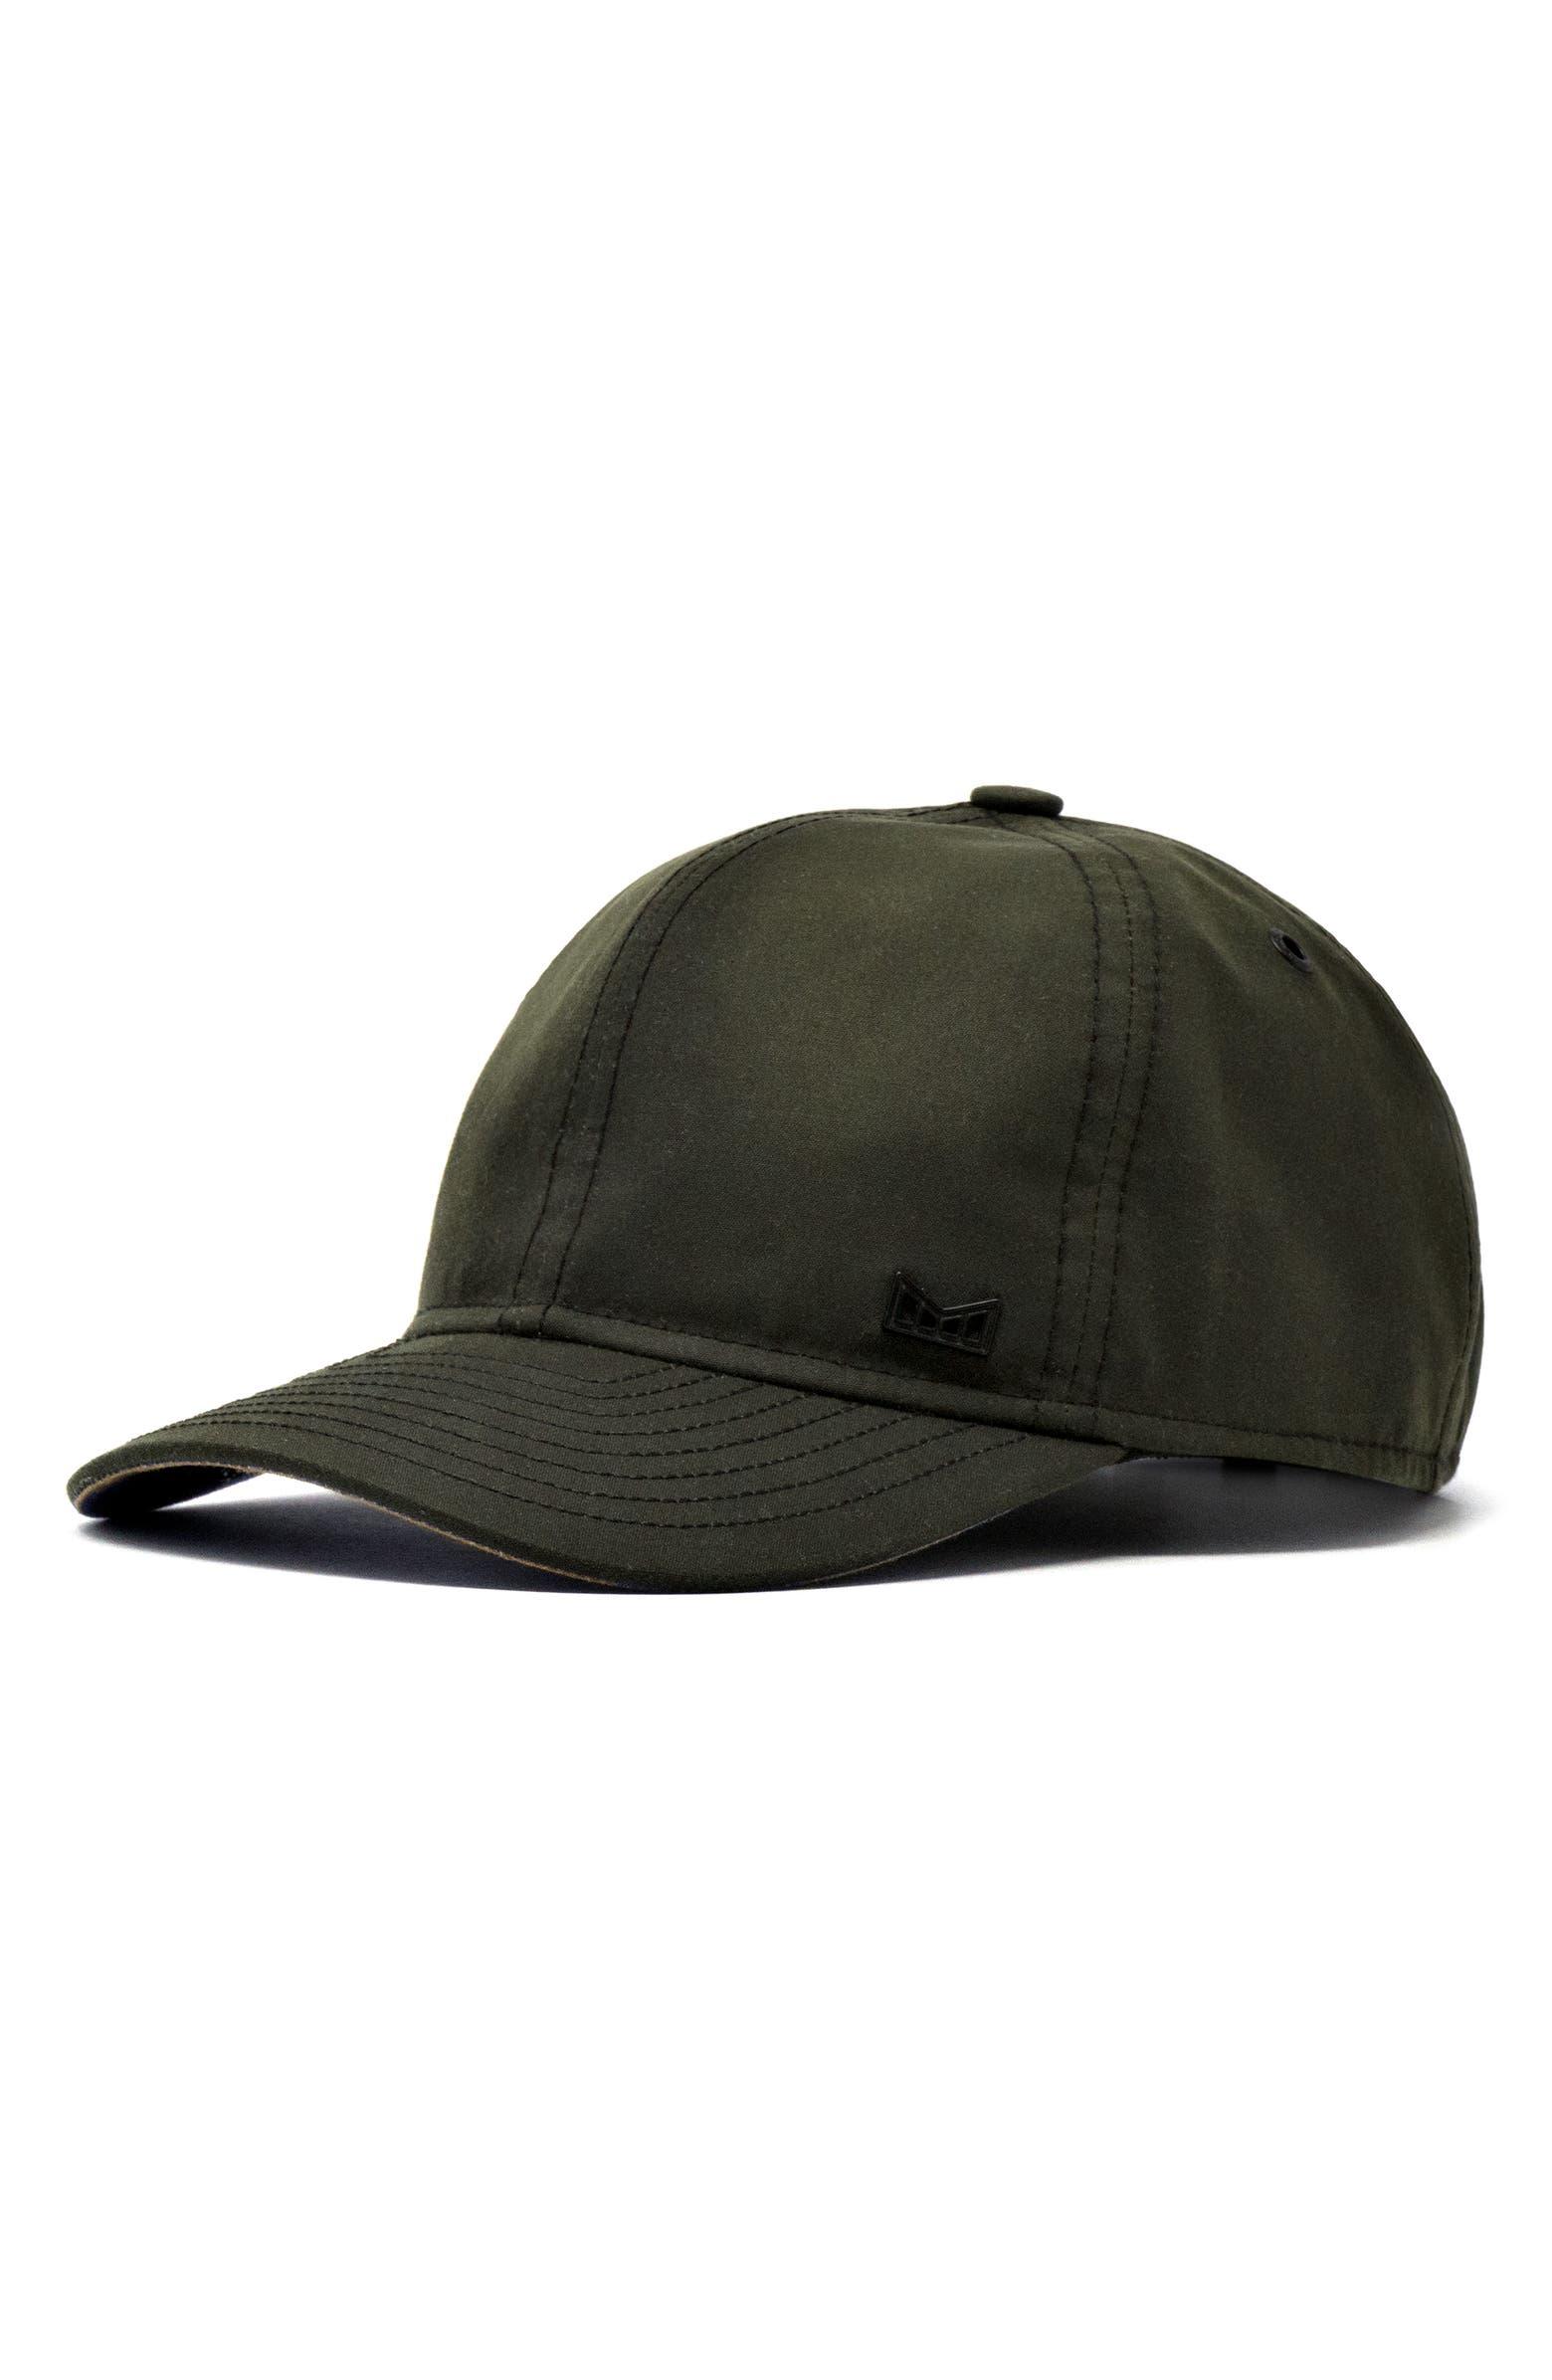 Huntsman Technical Cap         MELIN